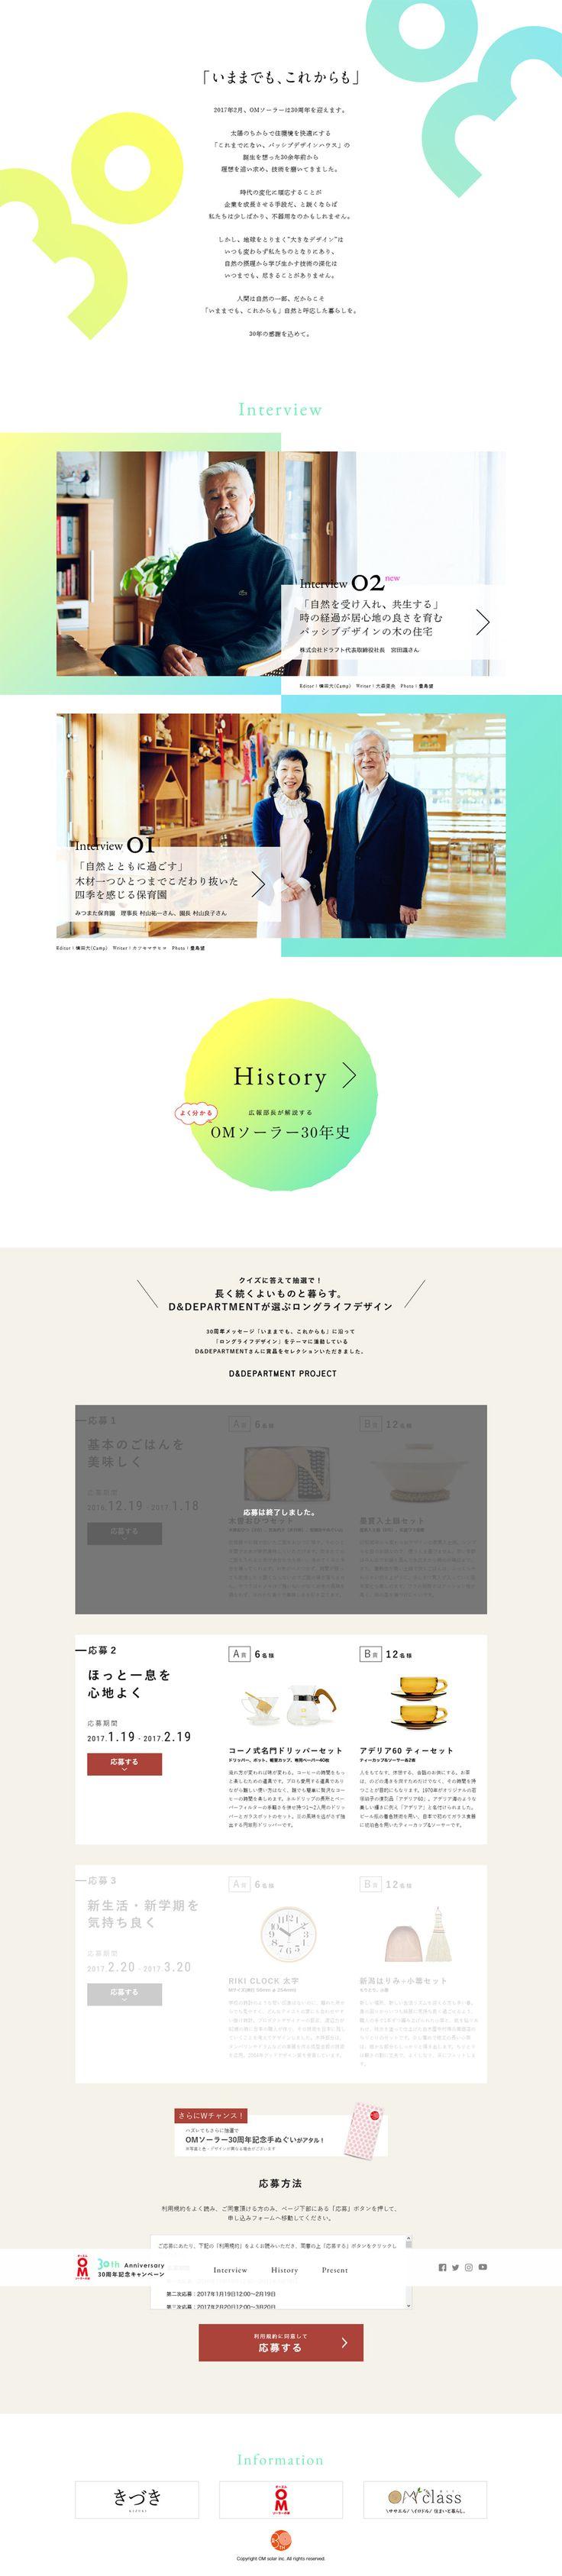 OMソーラー30周年記念キャンペーン【サービス関連】のLPデザイン。WEBデザイナーさん必見!ランディングページのデザイン参考に(シンプル系)